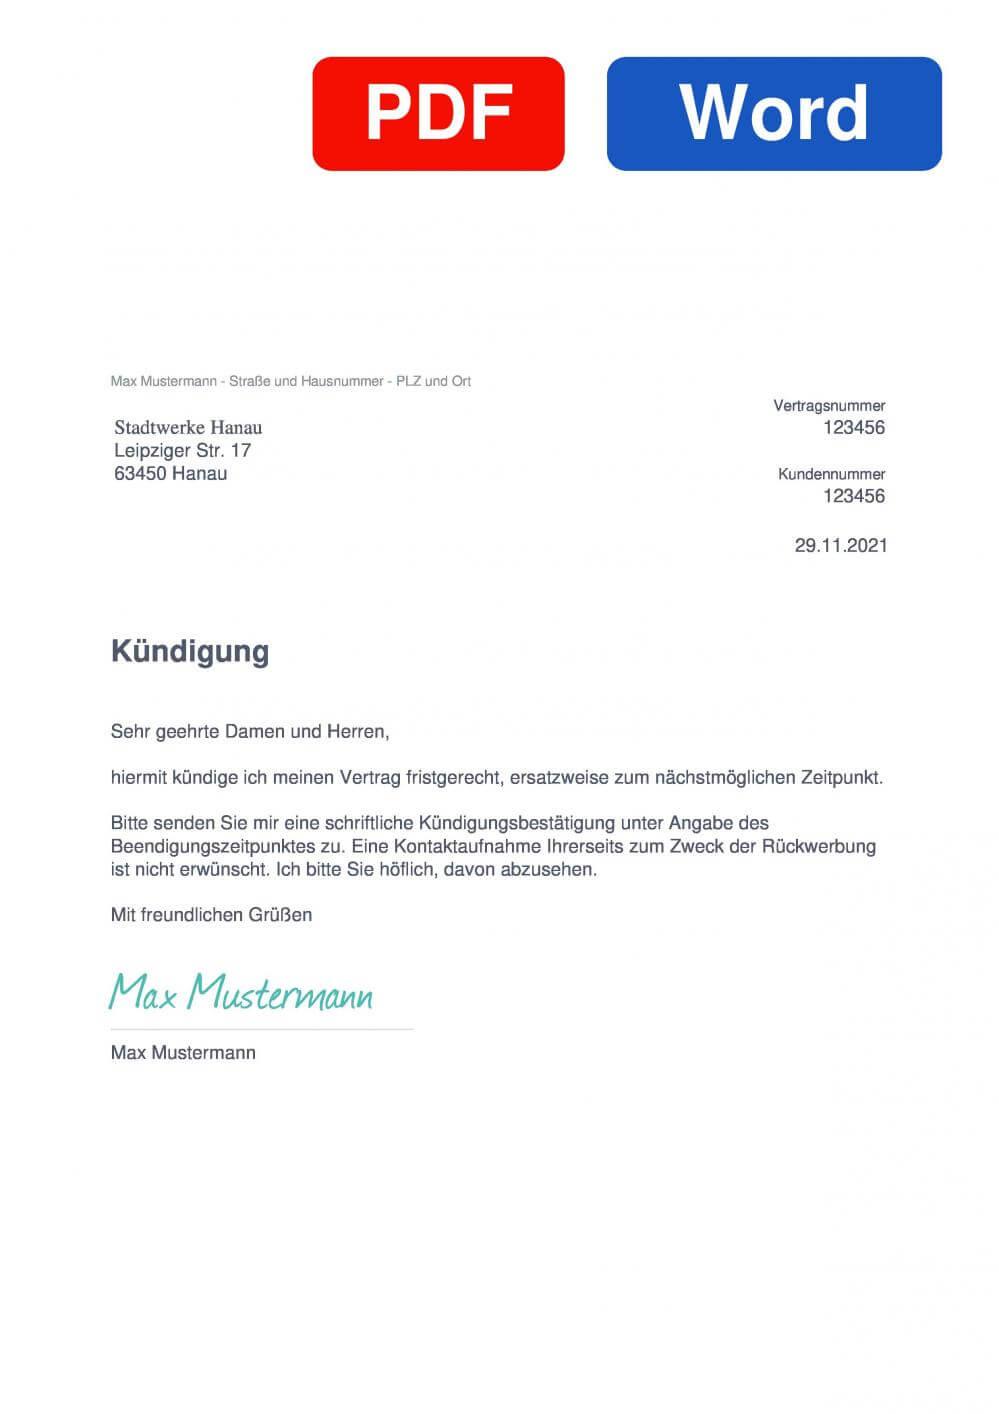 Stadtwerke Hanau Muster Vorlage für Kündigungsschreiben